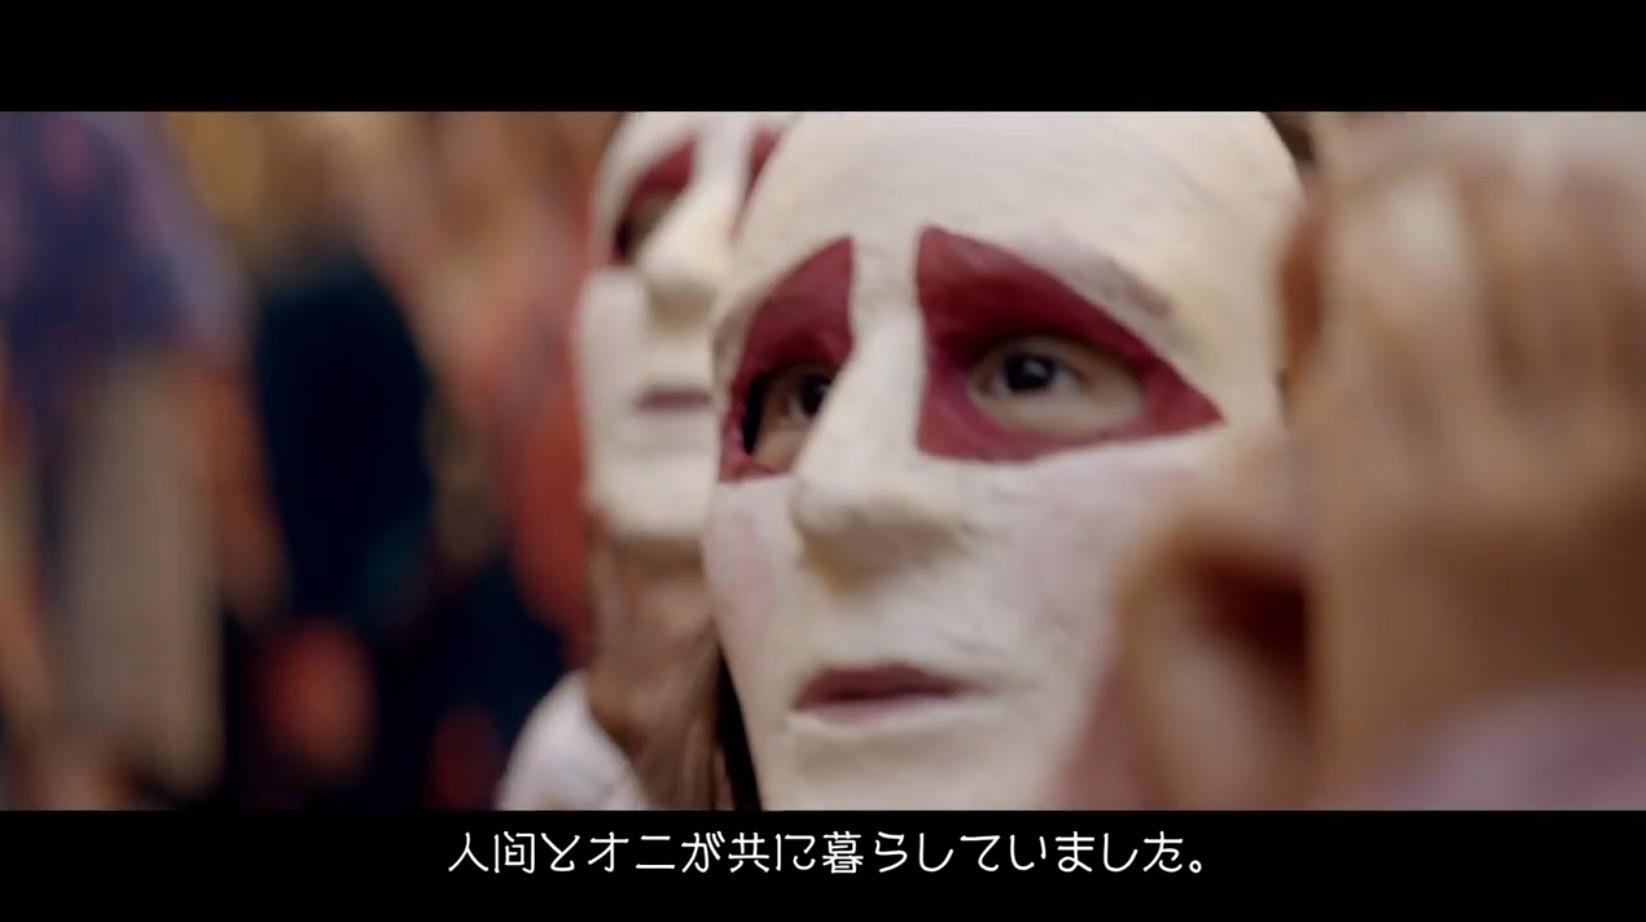 1年ぶりの「ペプシ桃太郎CM」が公開!人間と鬼は元々共存していたが、、悲しすぎる鬼誕生秘話が判明!!